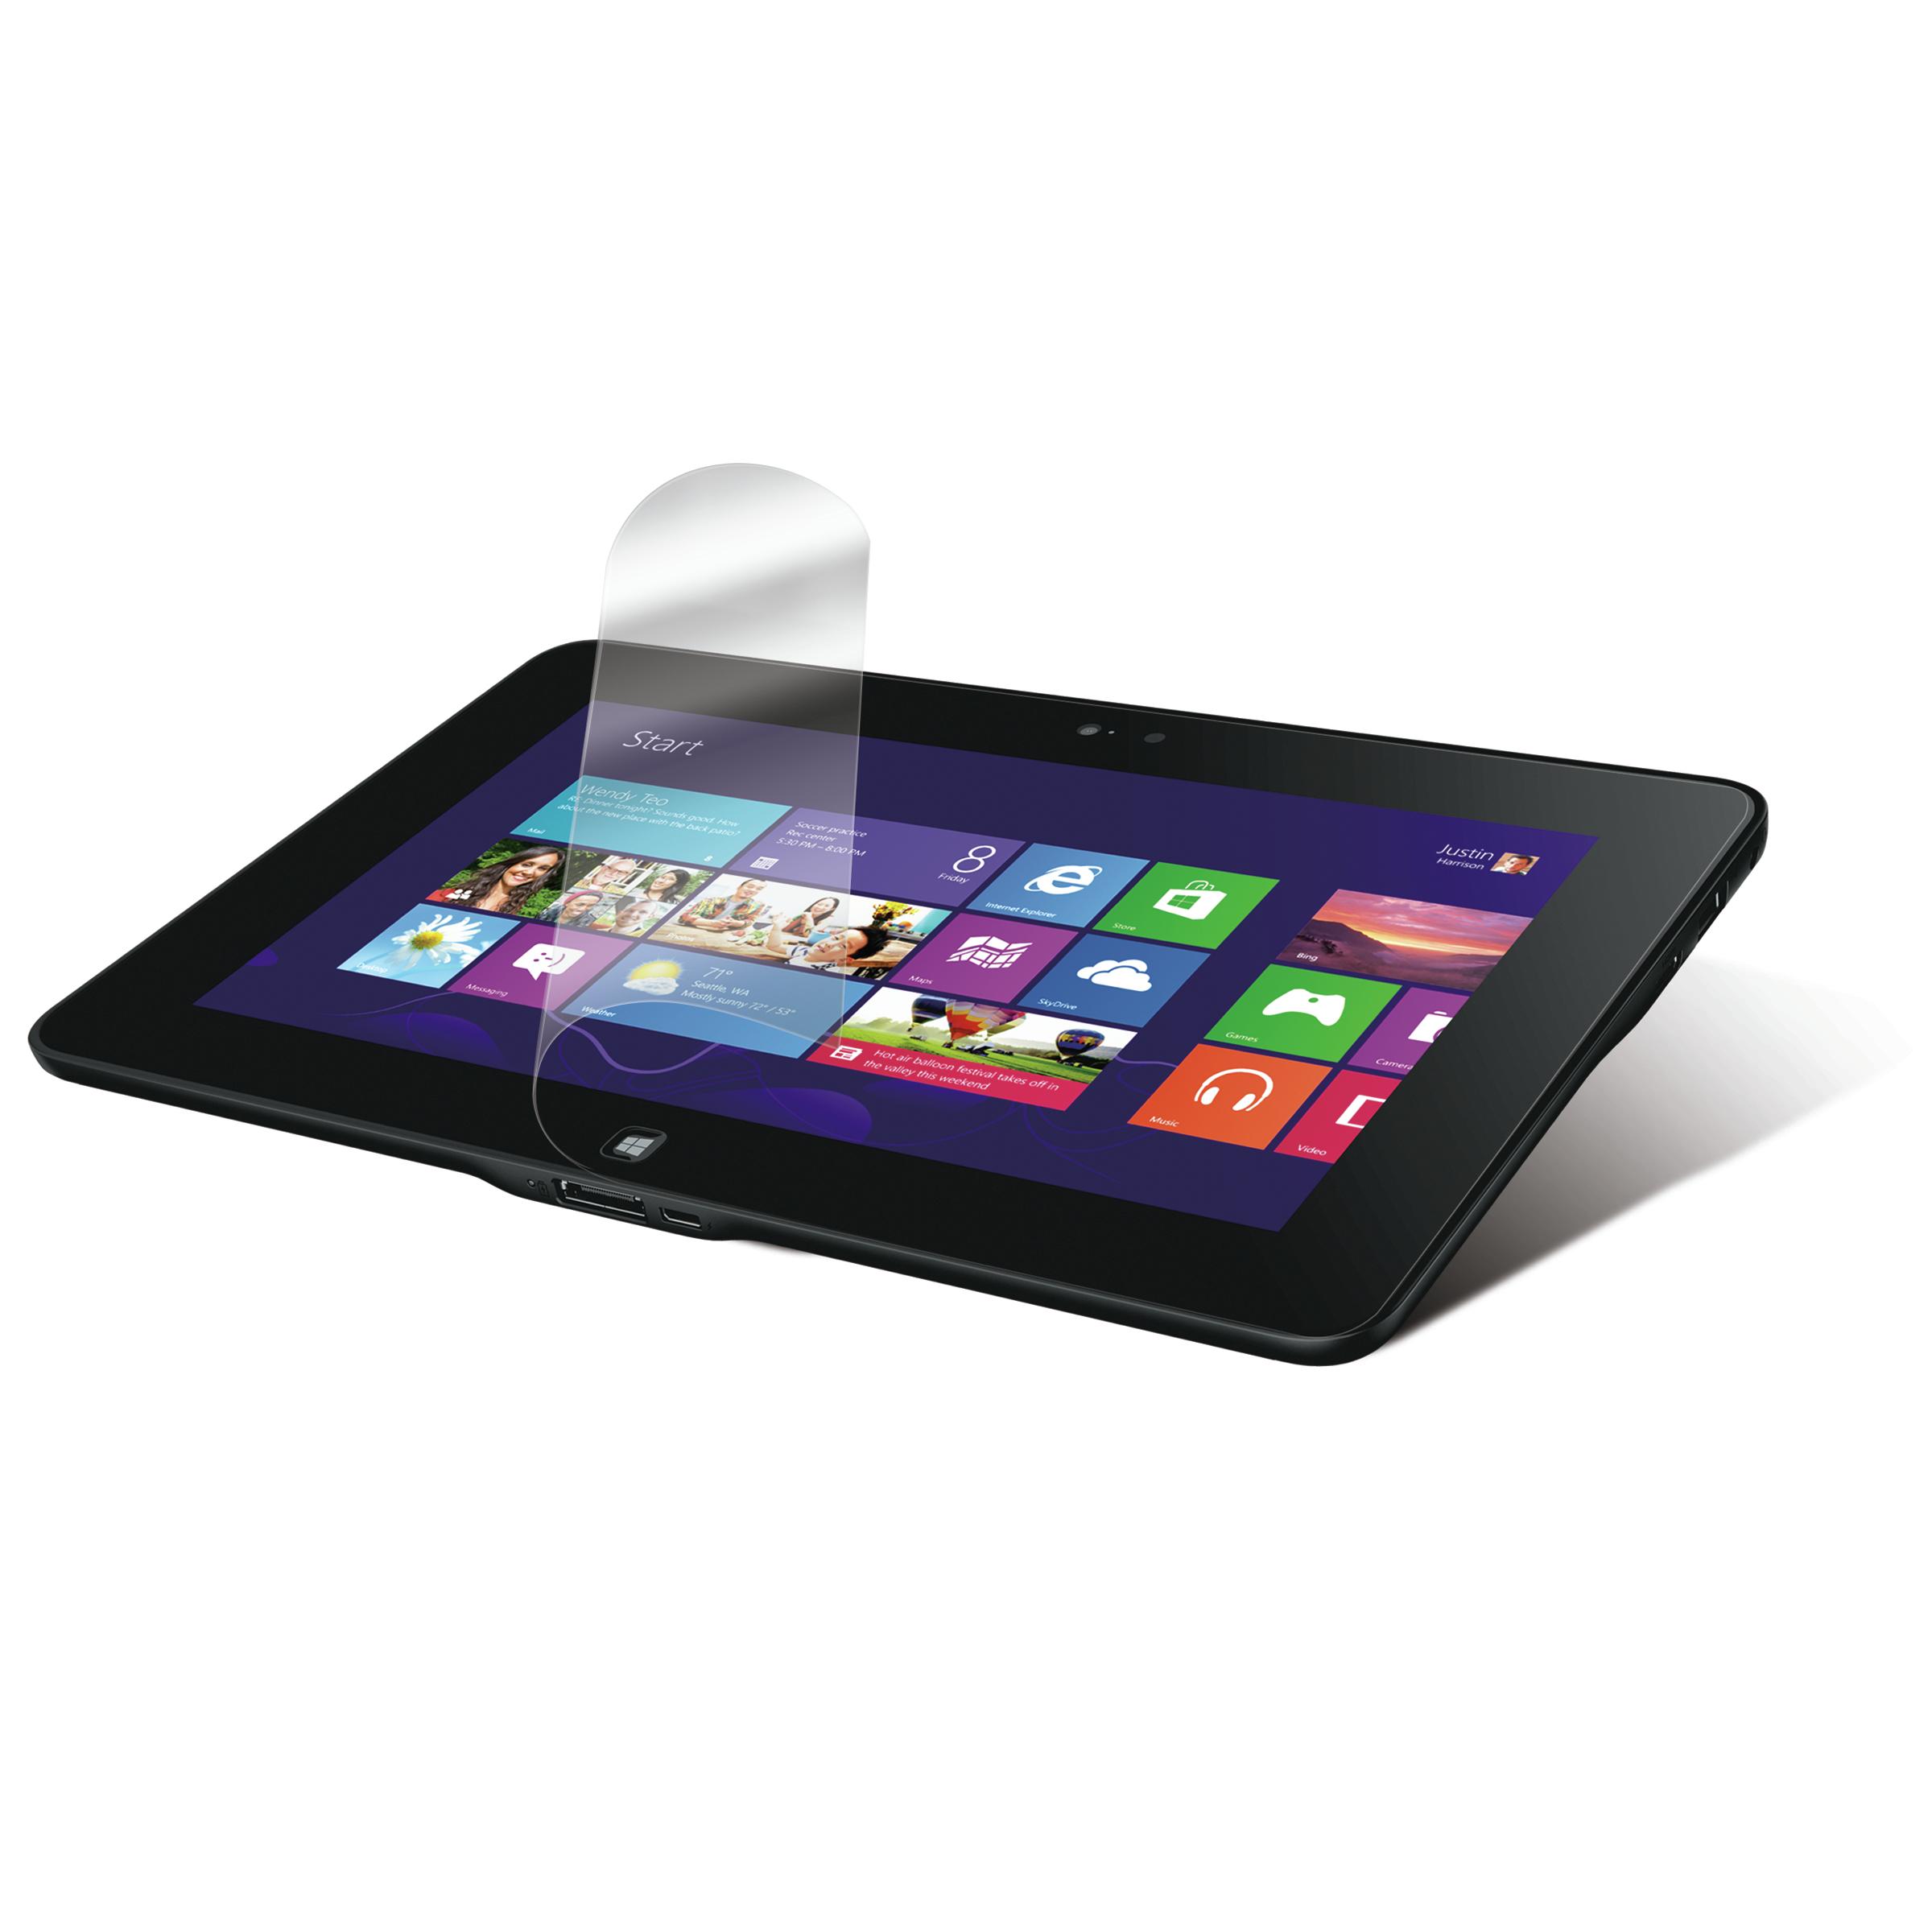 3M Antiglare Screen Protector for Dell Venue 10 Pro